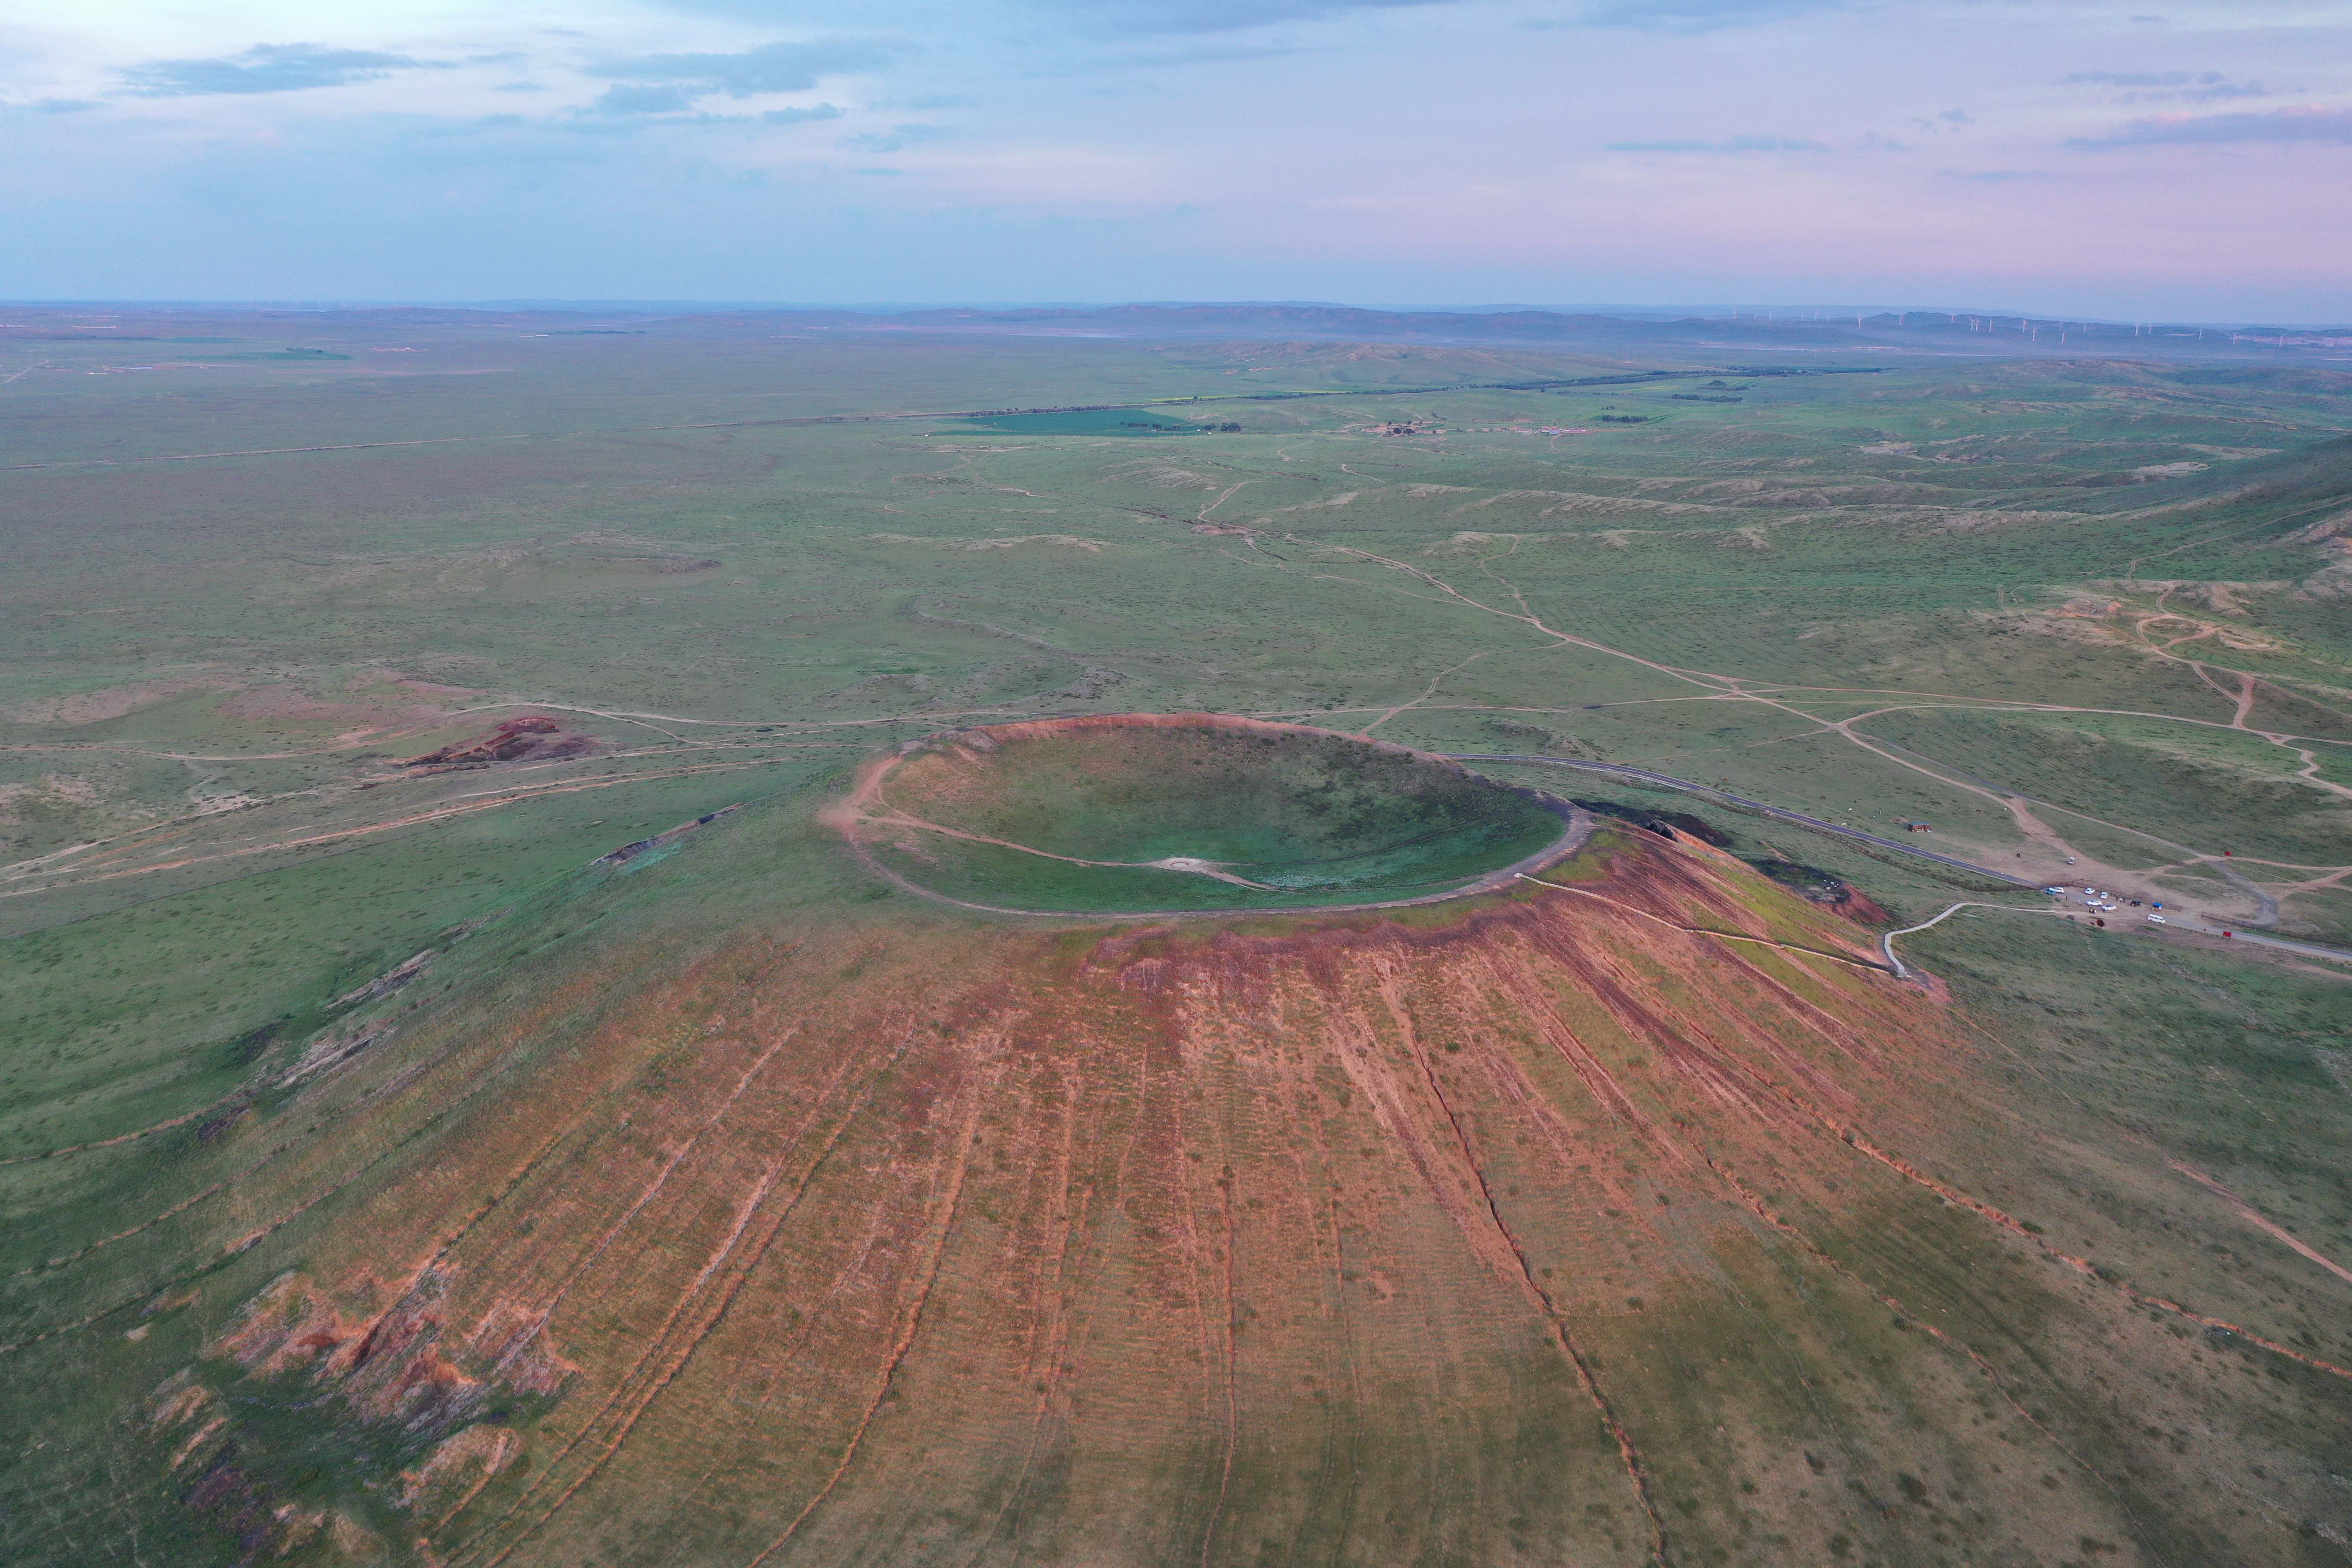 緑の草原に広がる火山群 内モンゴル自治区